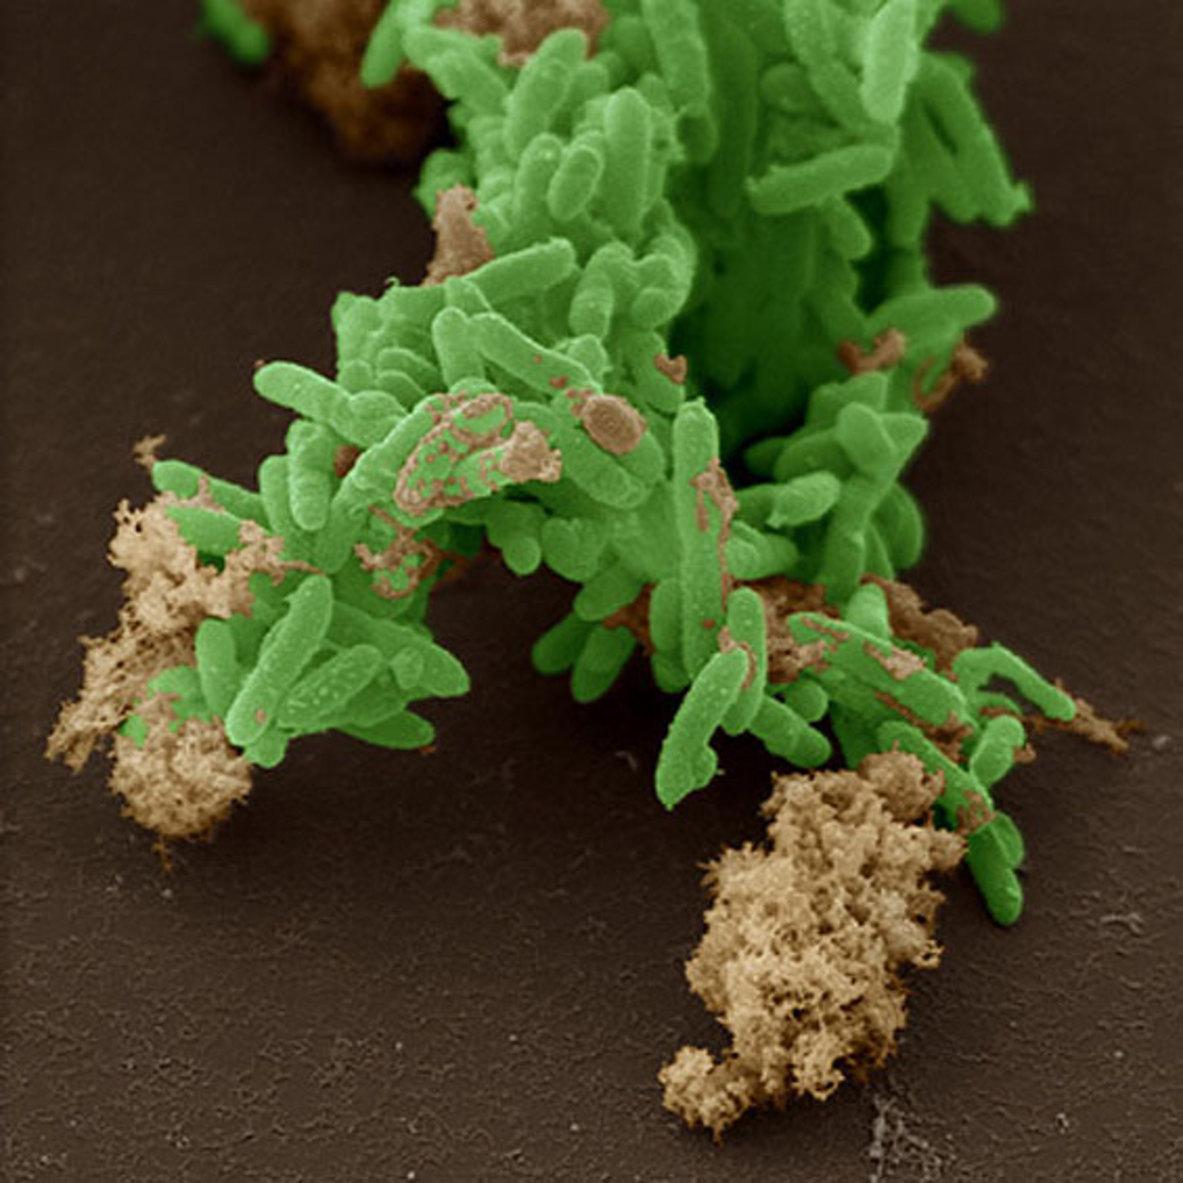 биологи нашли бактерии, ведущие фотосинтез «на двоих»